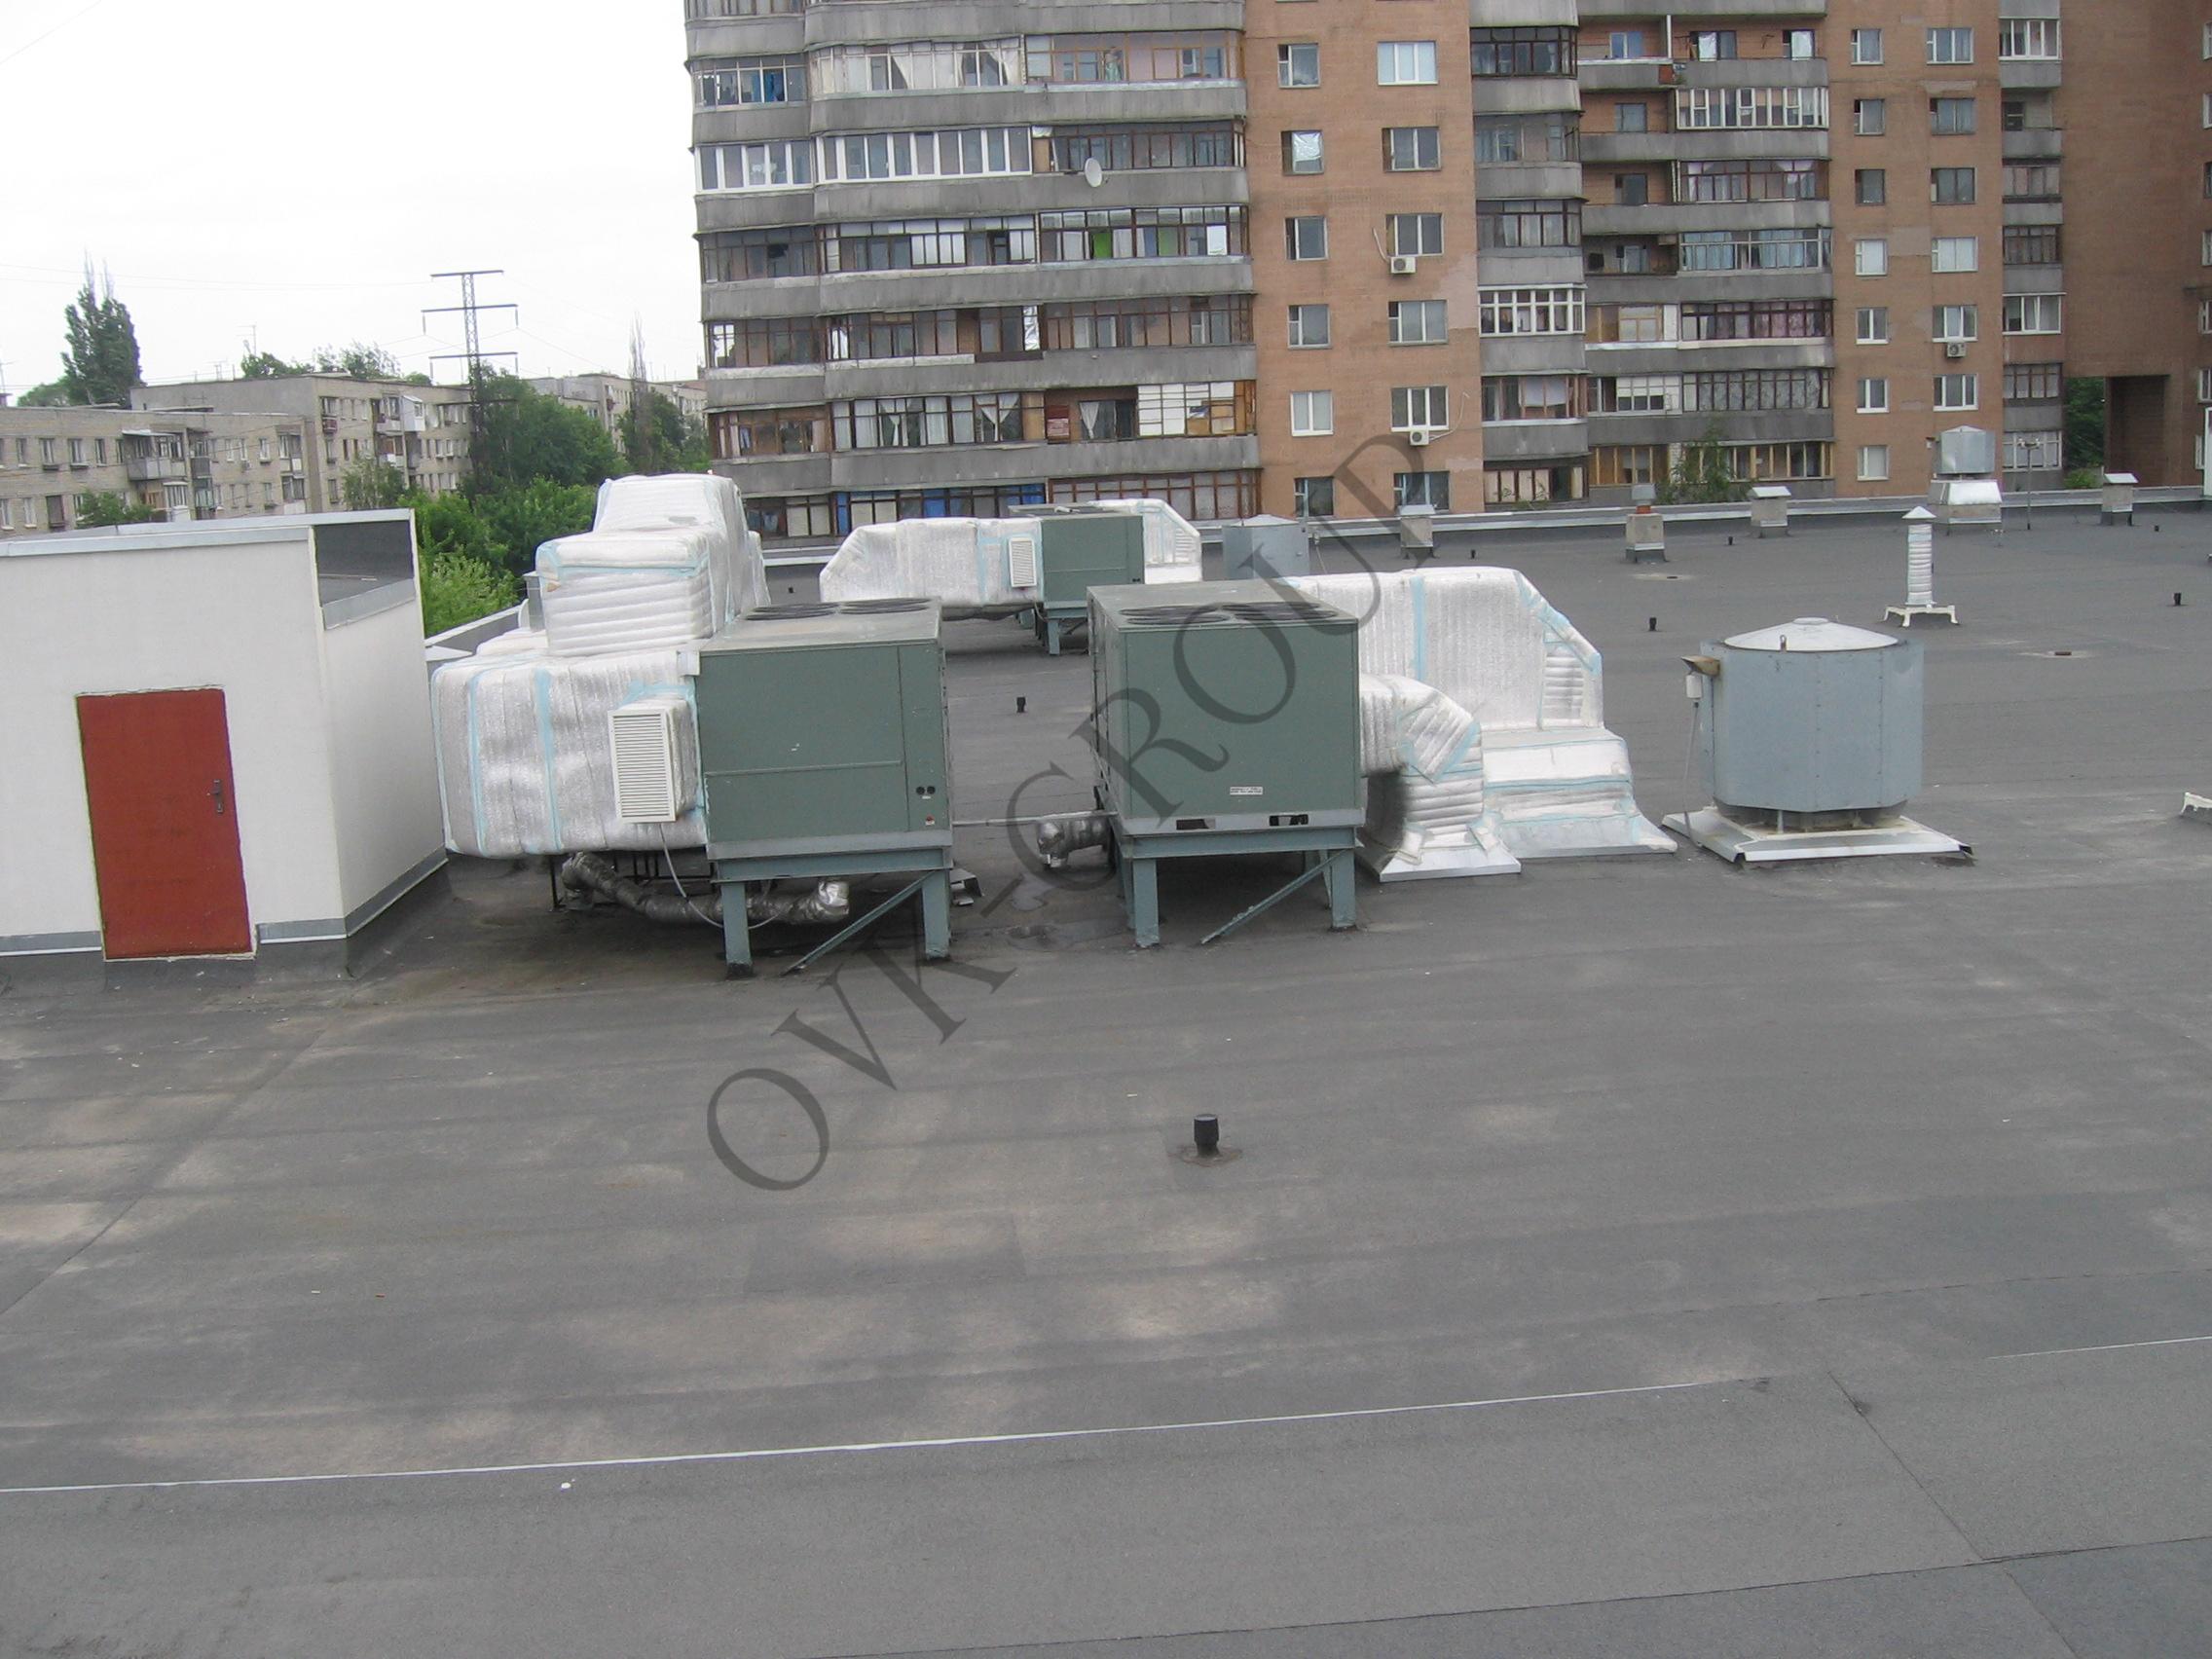 Проектирование воздушного отопления и кондиционирования торгового центра при помощи руфтопов